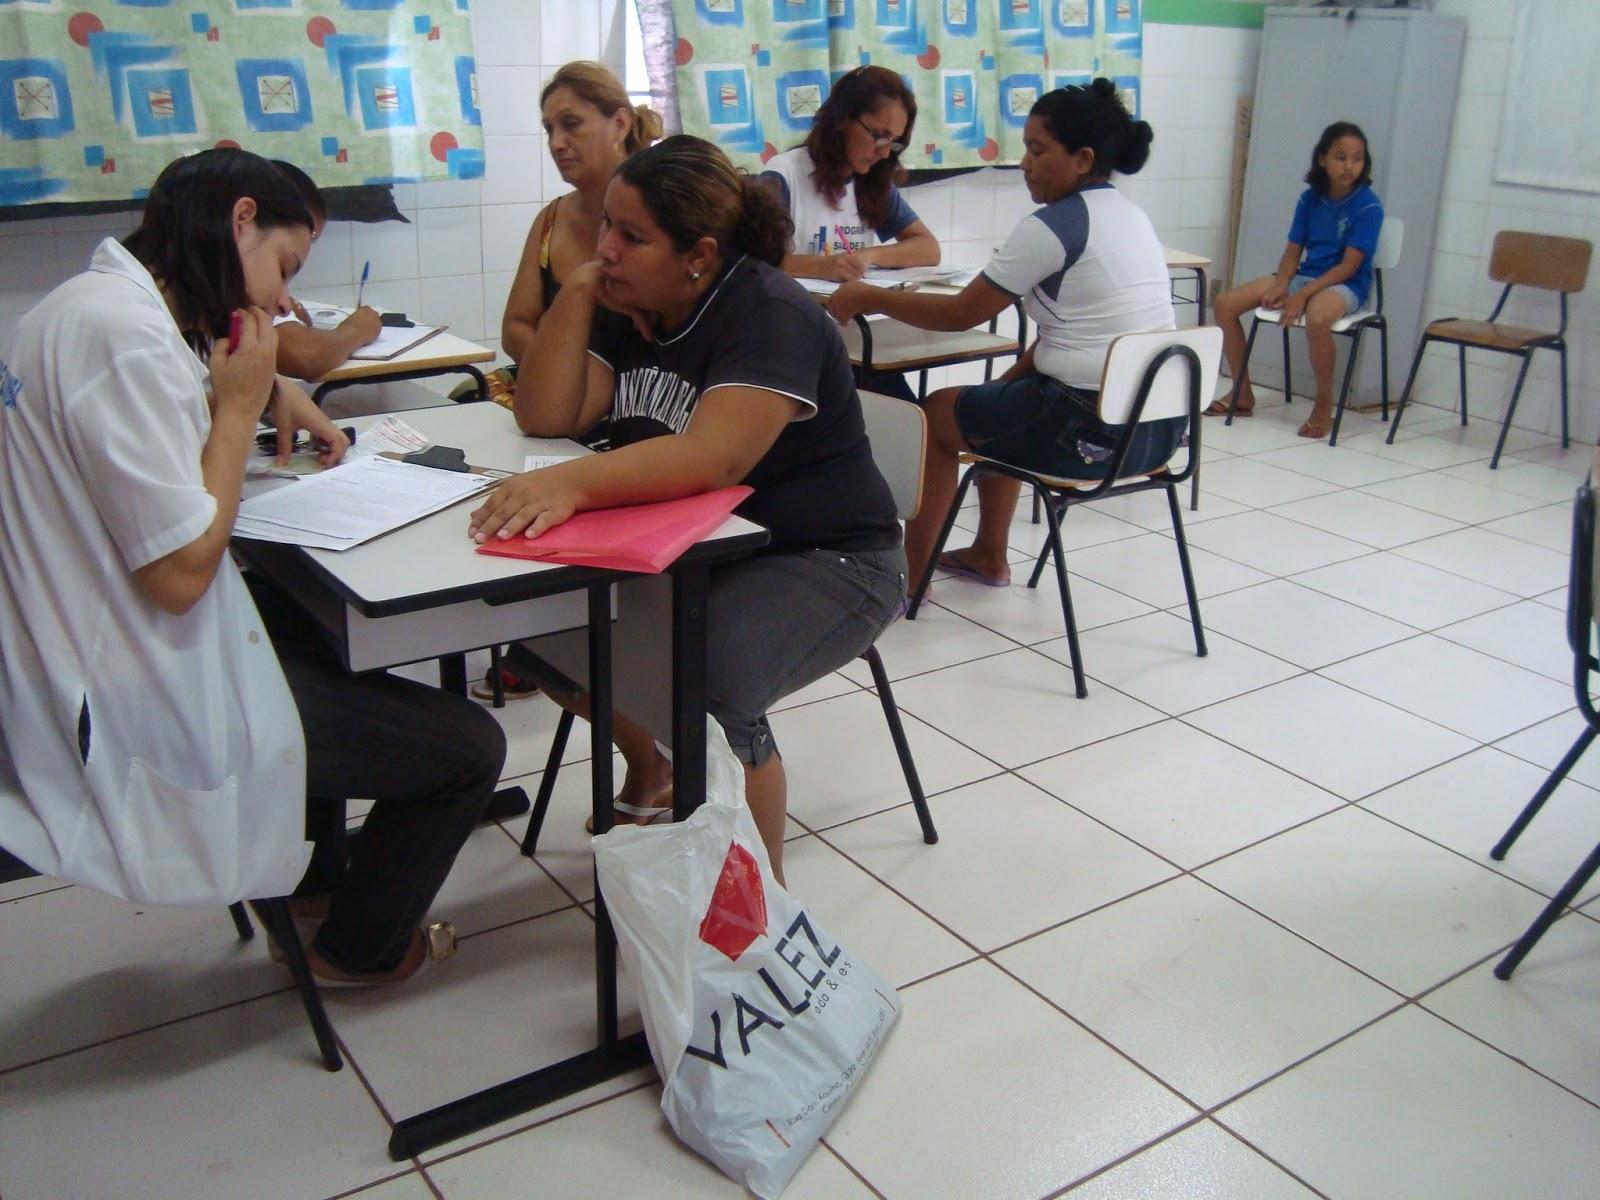 #406E8C Escola Experimental de Educação Integral Rachid Bardauil: Novembro  1600x1200 px Projeto Cozinha Experimental Na Escola #2535 imagens